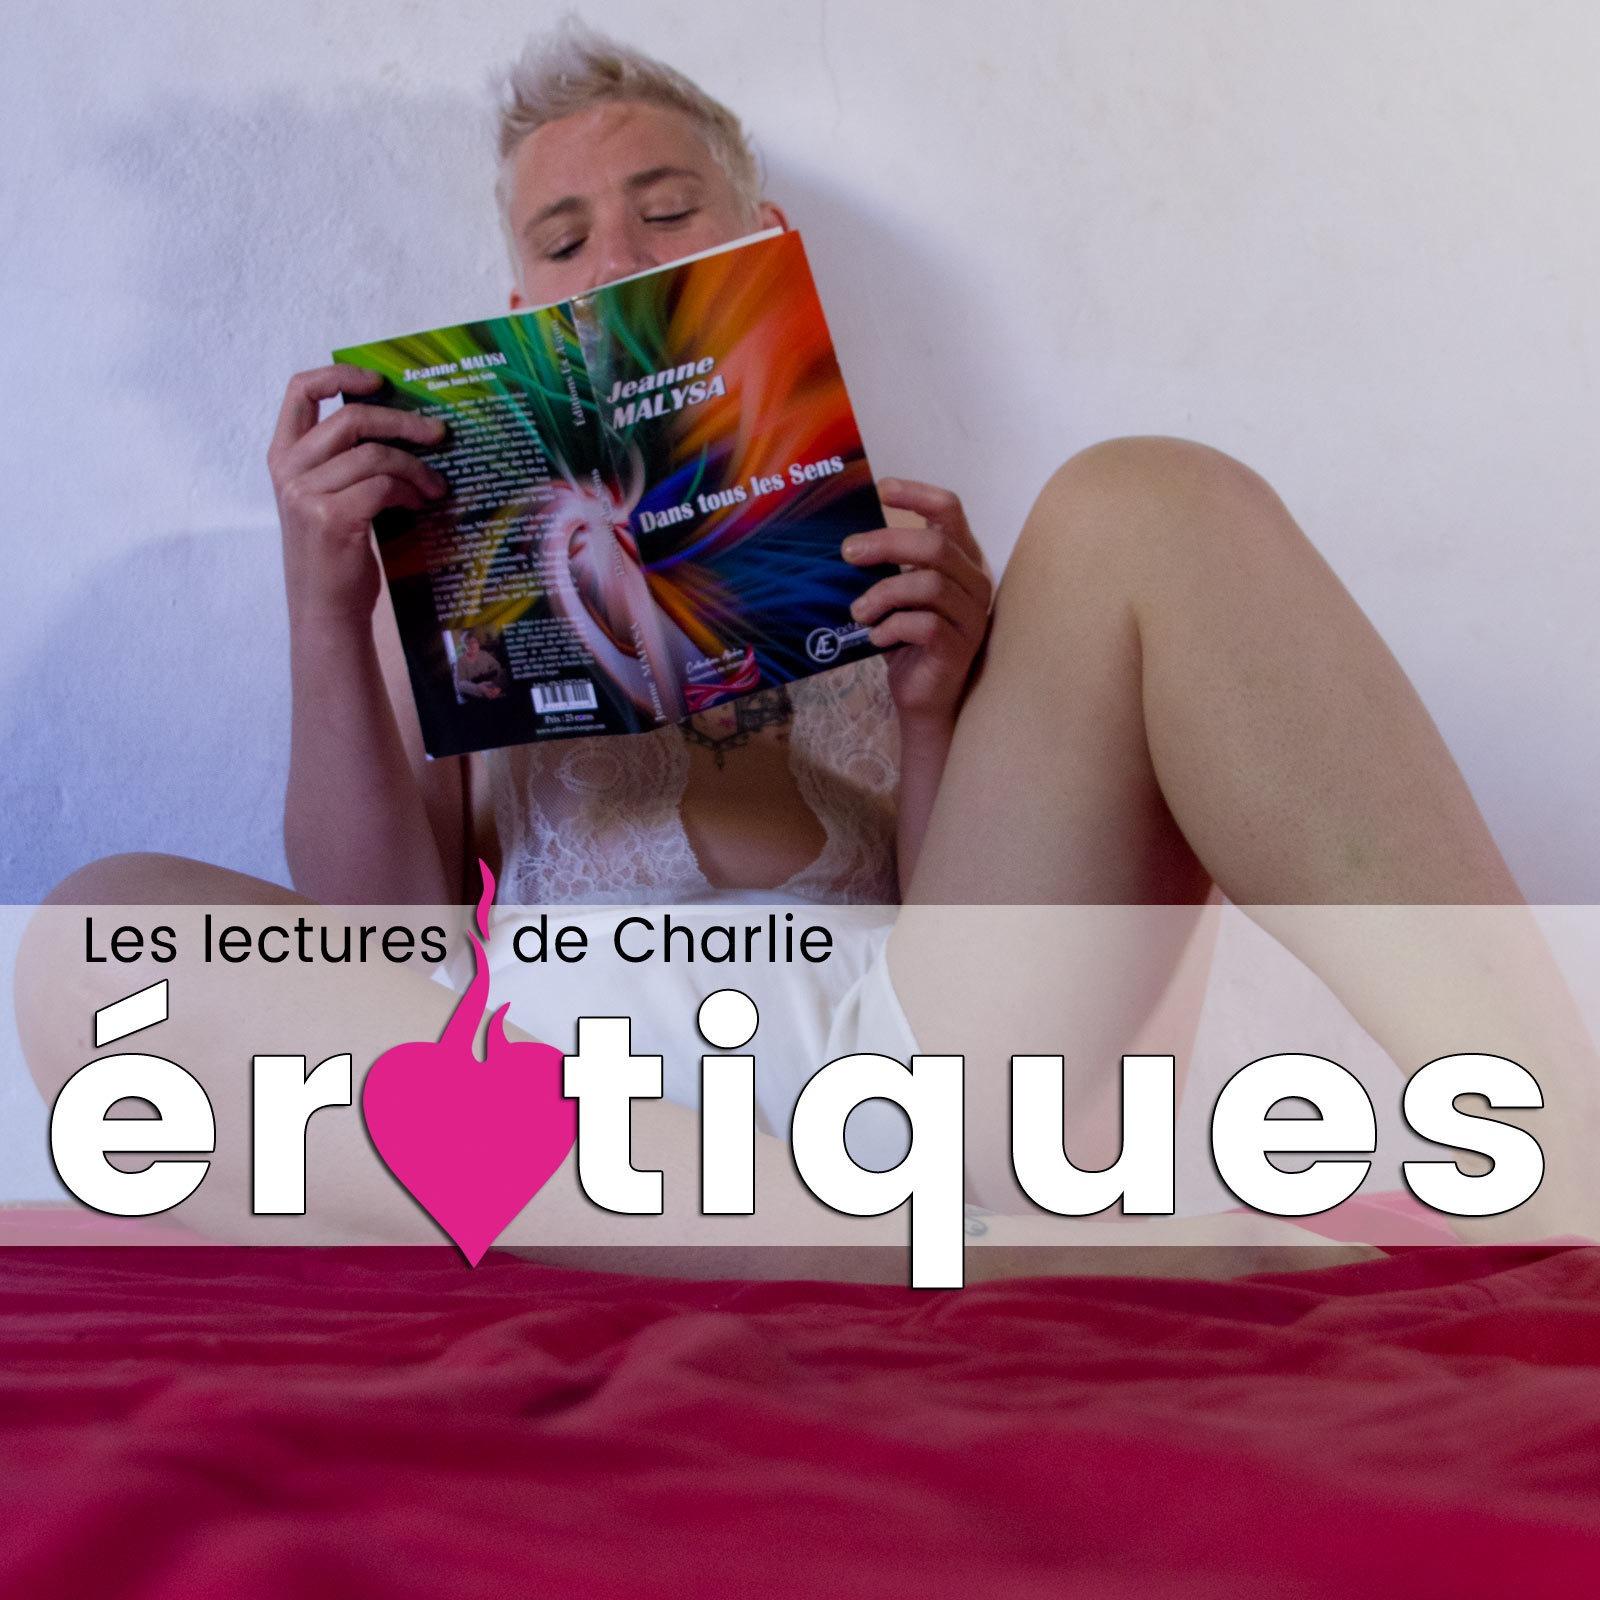 30 nouvelles érotiques et délicates de Jeanne Malysa